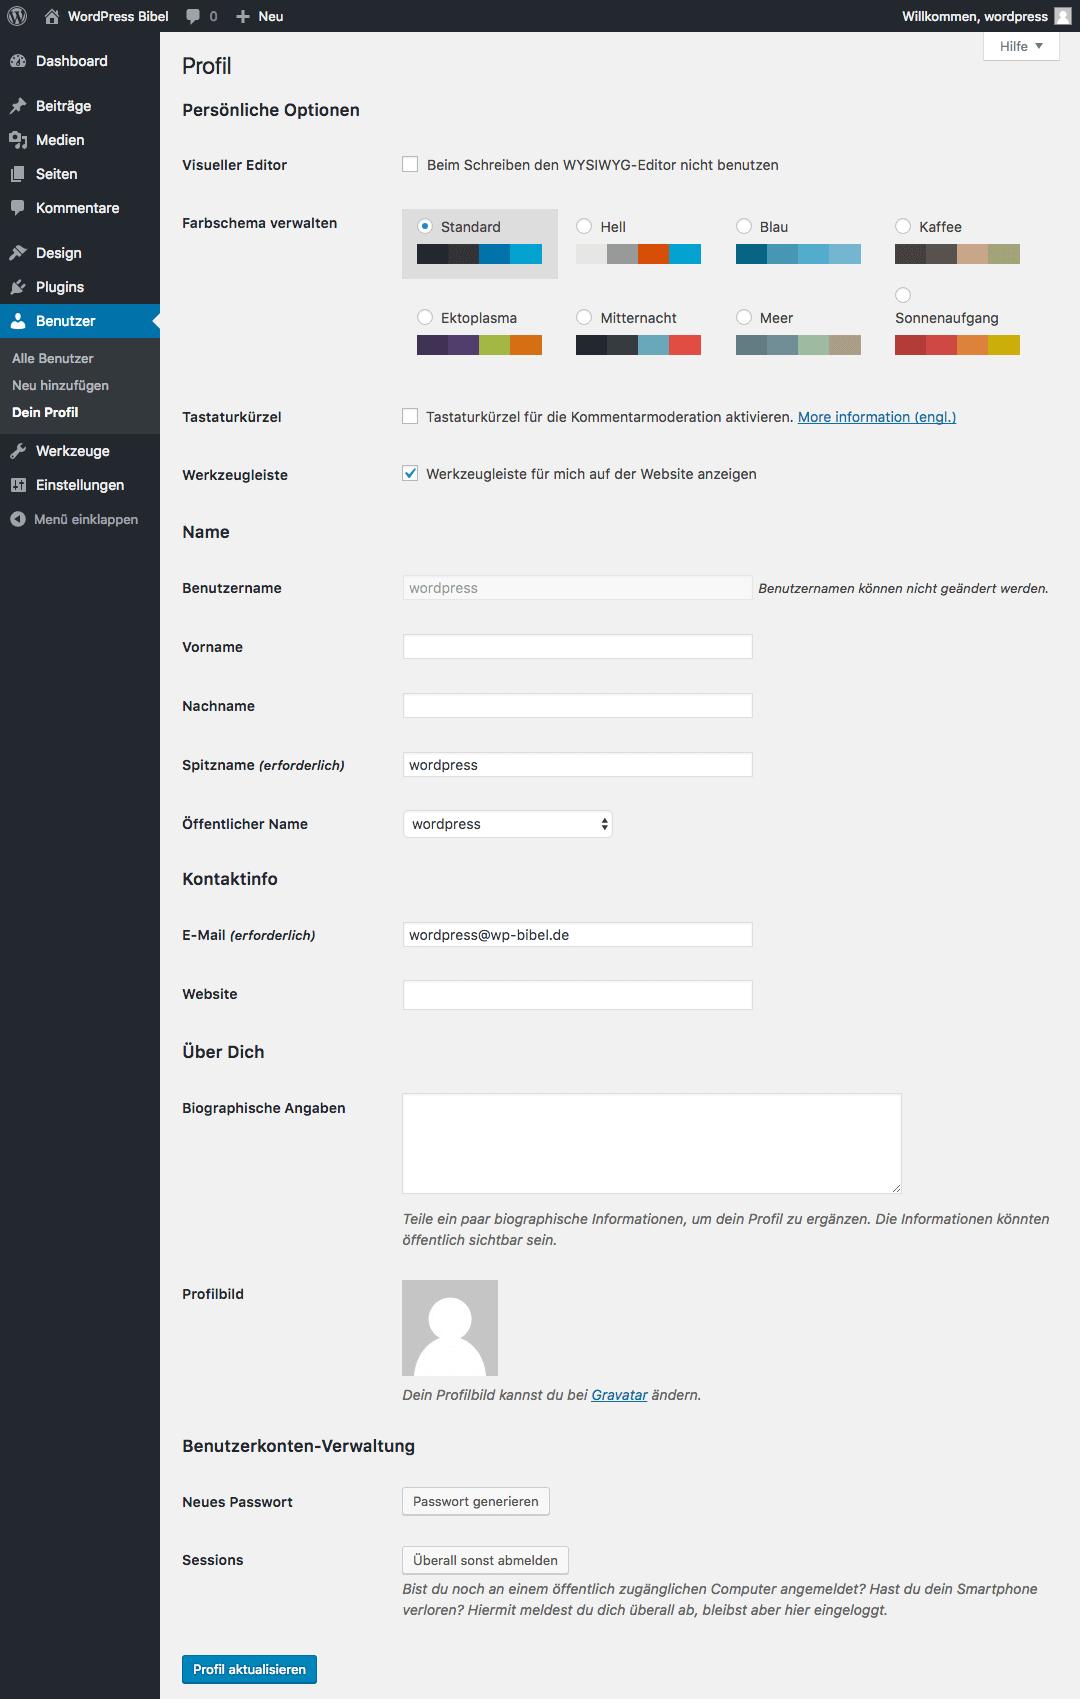 WordPress-Backend → Benutzer → Dein Profil